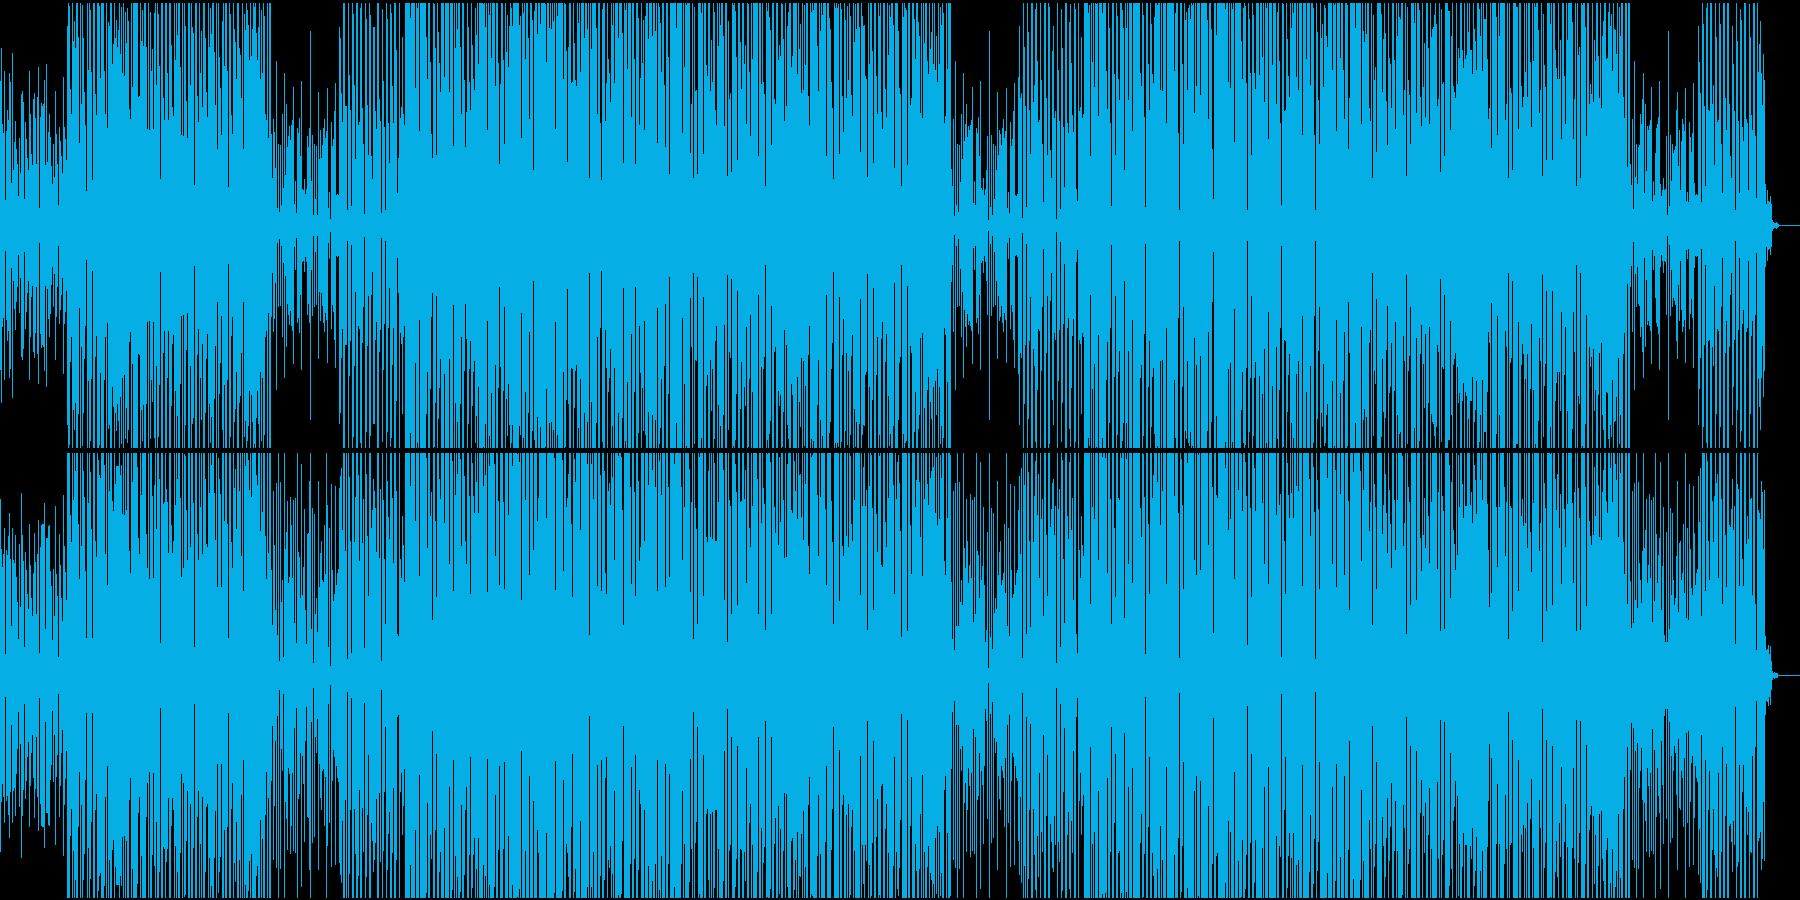 ブラスが70'~80'年代のディスコの再生済みの波形